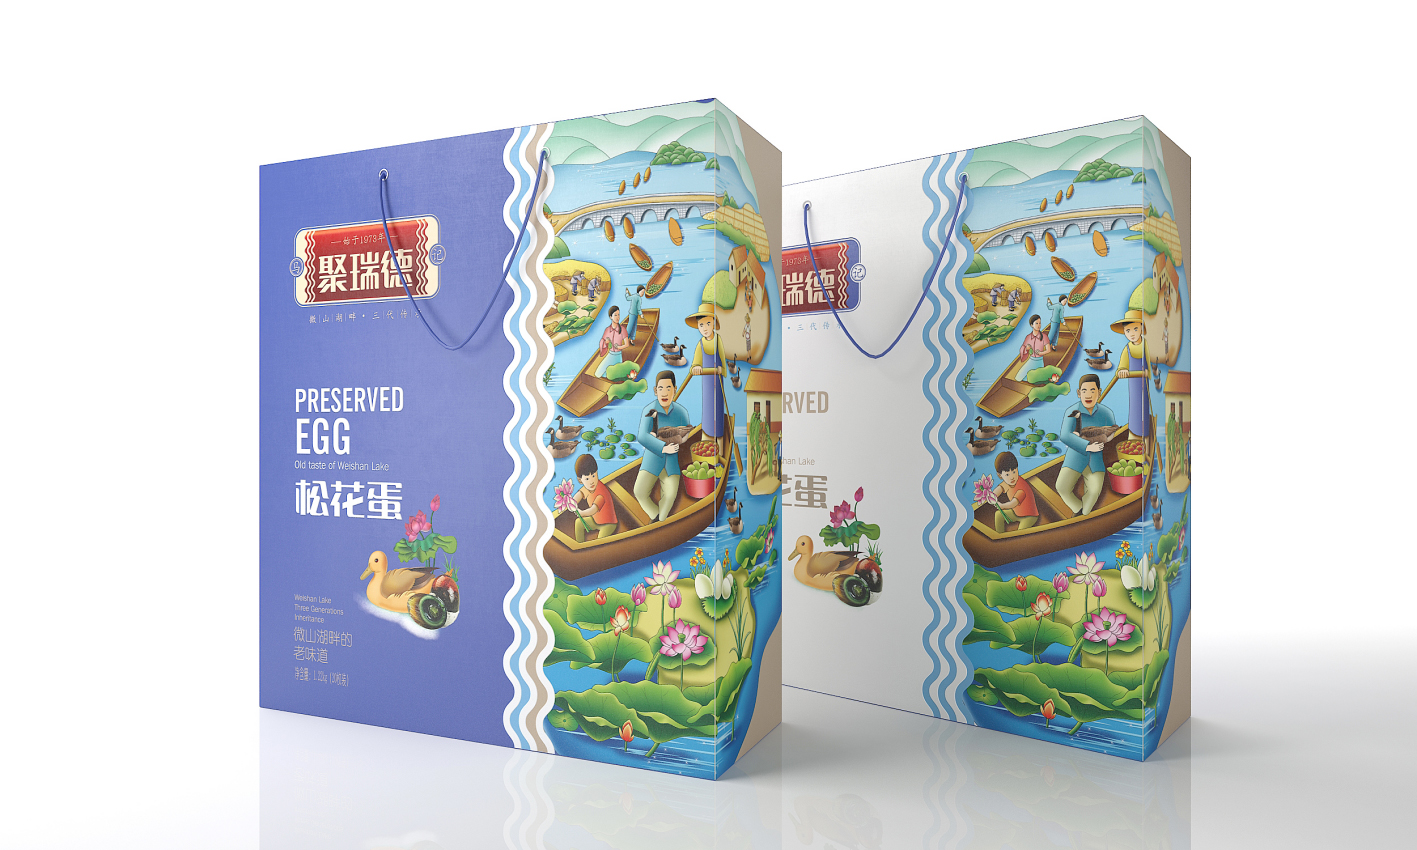 聚瑞德湖产品—徐桂亮品牌设计